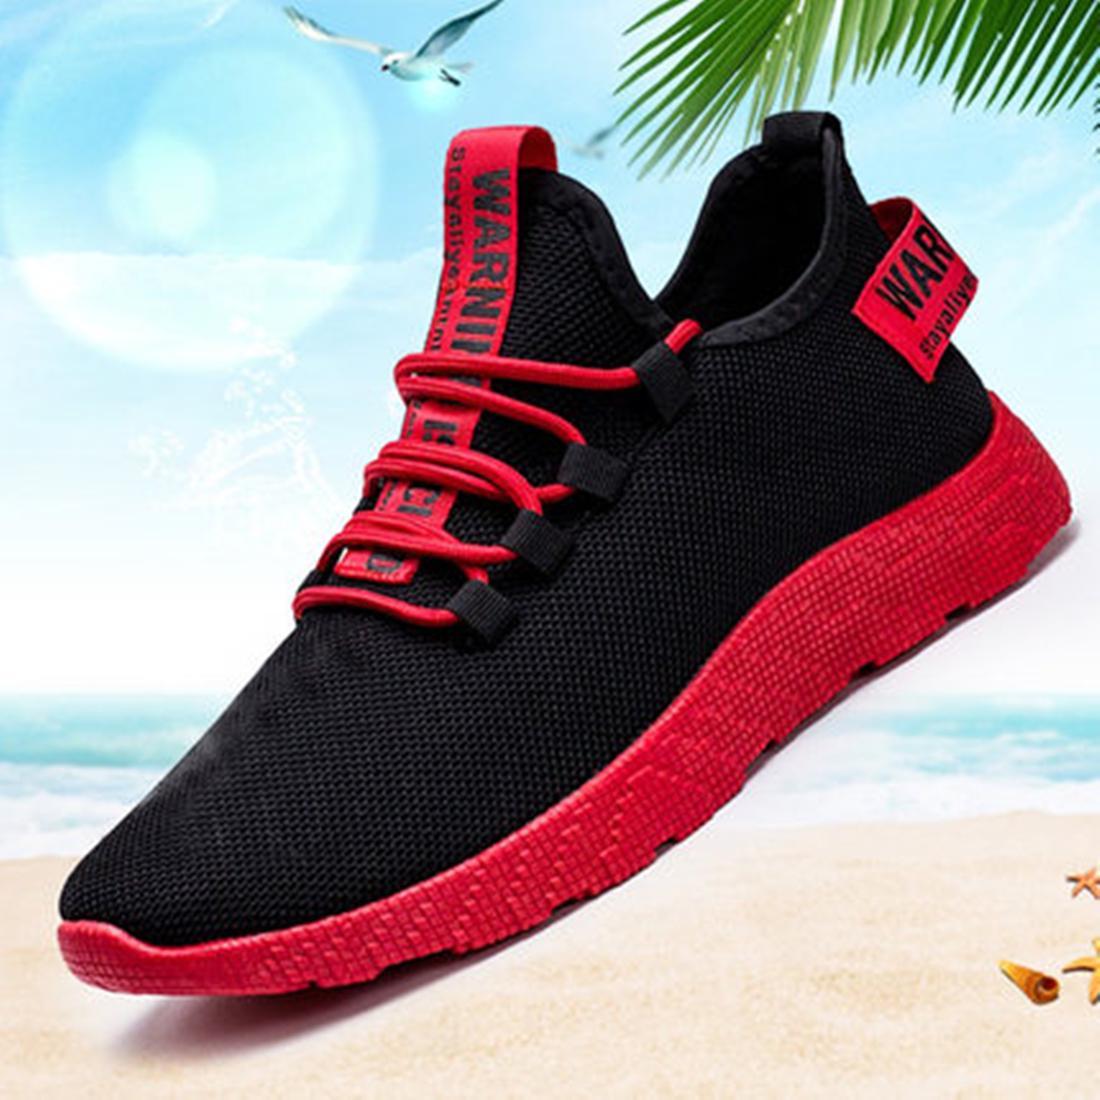 Мужские лёгкие кроссовки из дышащего материала с контрастными шнуровкой и подошвой. Различные варианты цвета фото